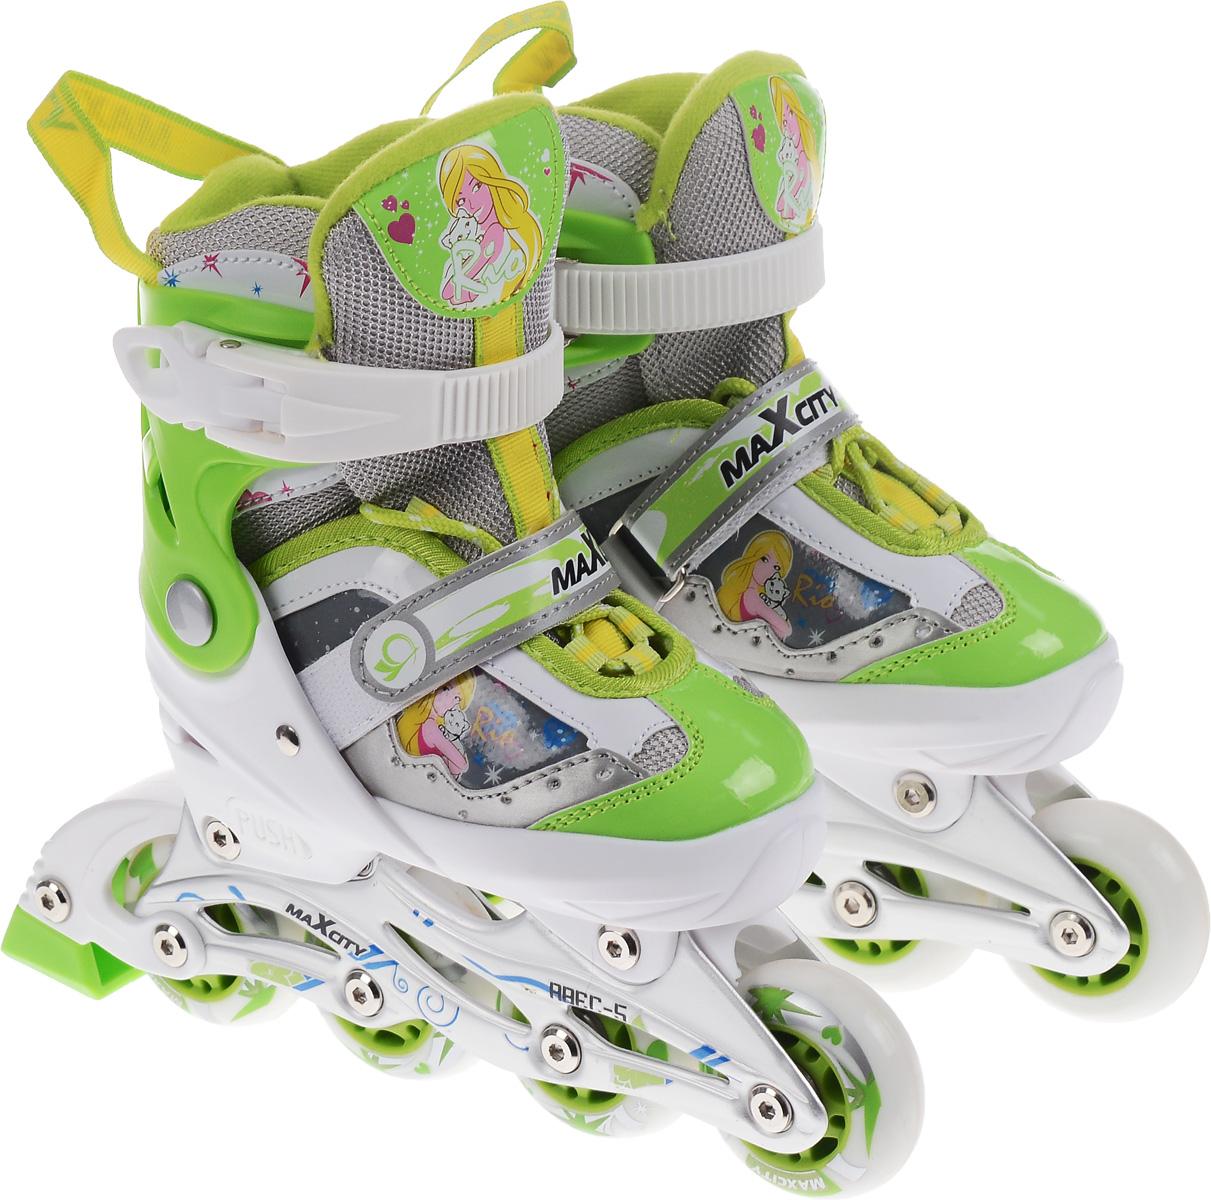 Коньки роликовые MaxCity Rio, раздвижные, цвет: зеленый, белый. Размер 25/28RIOСтильные роликовые коньки Rio от MaxCity с ярким принтом придутся по душе вашему ребенку. Ботинок конька изготовлен по технологии Max Fit из комбинированных синтетических и полимерных материалов, обеспечивающих максимальную вентиляцию ноги. Анатомически облегченная конструкция ботинка из пластика обеспечивает улучшенную боковую поддержку и полный контроль над движением. Подкладка из мягкого текстиля комфортна при езде. Стелька Hi Dri из ЭВА с текстильной поверхностью обеспечивает комфорт и отличную амортизацию. Классическая шнуровка с ремнем на липучке обеспечивает плотное закрепление пятки. На голенище модель фиксируется клипсой с фиксатором. Прочная рама из алюминия отлично передает усилие ноги и позволяет быстро разгоняться. Мягкие полиуретановые колеса обеспечат плавное и бесшумное движение. Износостойкие подшипники класса ABEC 5 наименее восприимчивы к попаданию влаги и песка, а также не позволяют развивать высокую скорость, что очень важно для детей и начинающих роллеров....